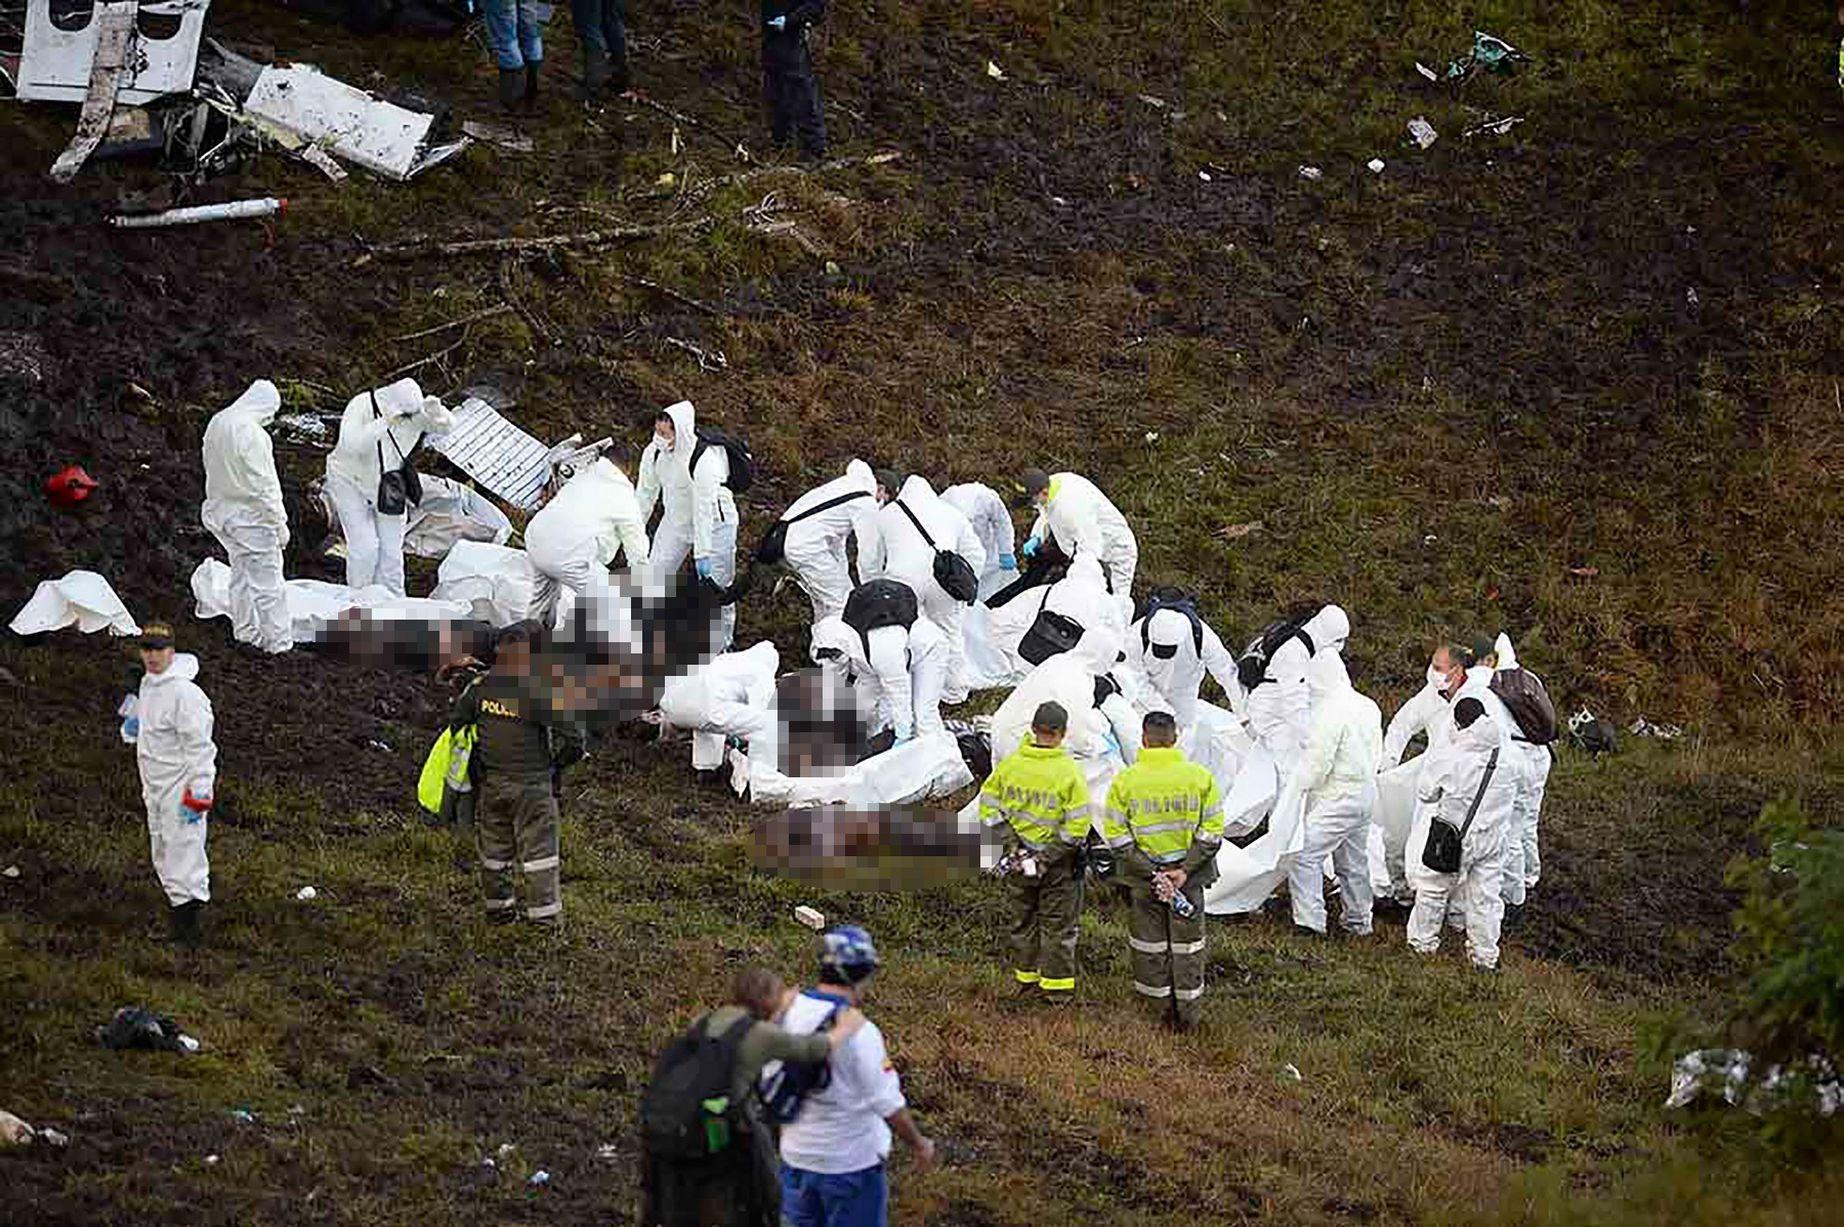 судебно-медицинские эксперты извлекают из под обломков тела погибших. Фото: AP